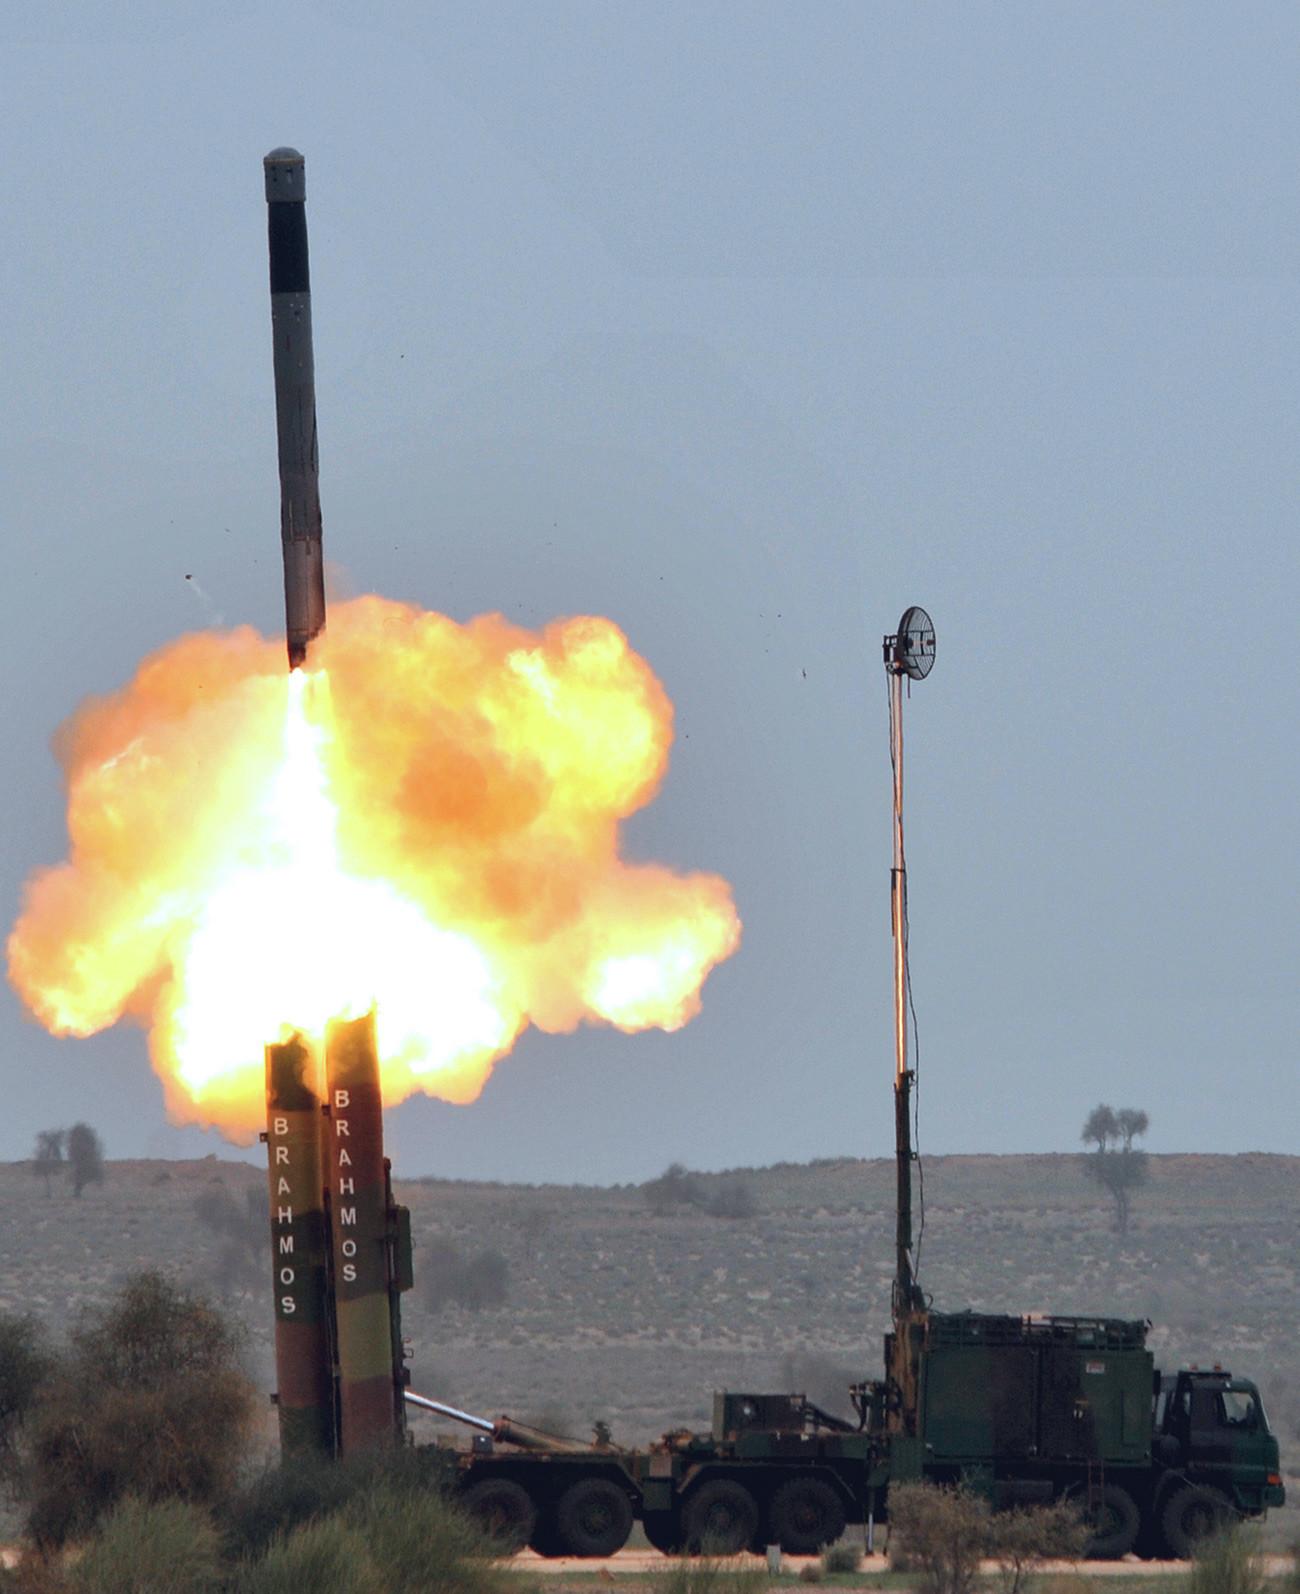 Тази снимка е публикувана от Идийското медийно информационно бюро на 4 март 2012 година. Индийската армия демонстрира изстрелване на ракета